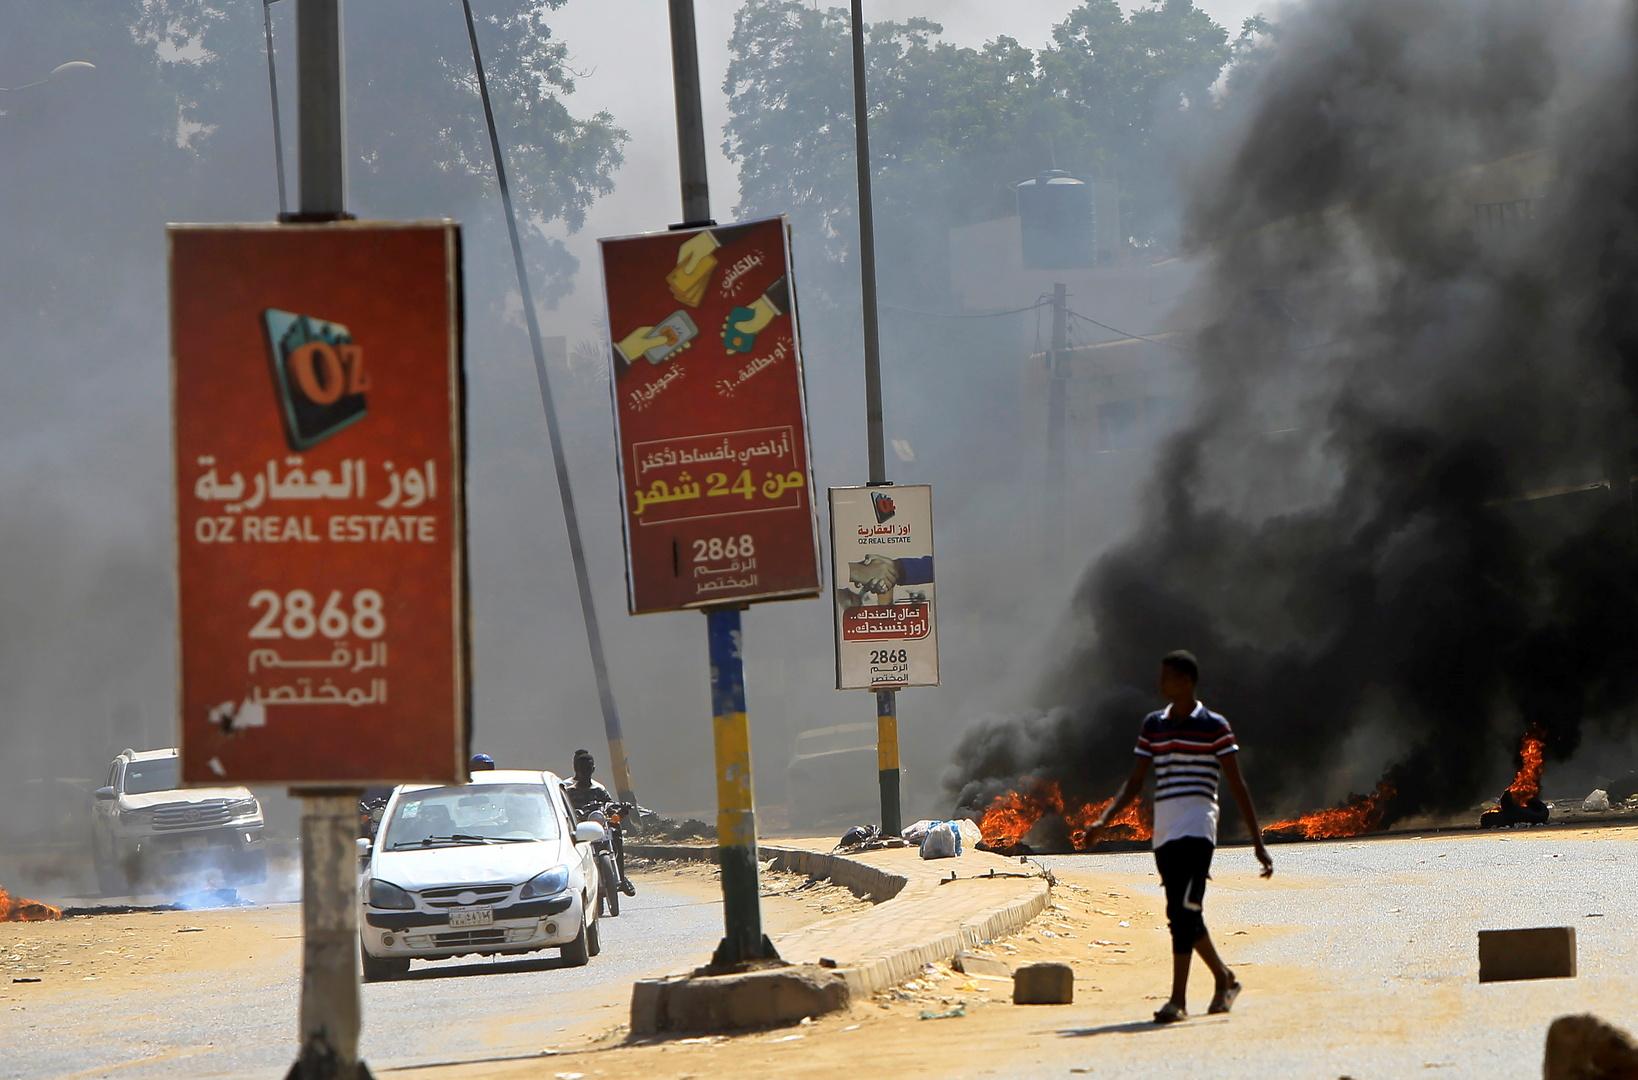 احتجاجات وقطع طرقات في الخرطوم